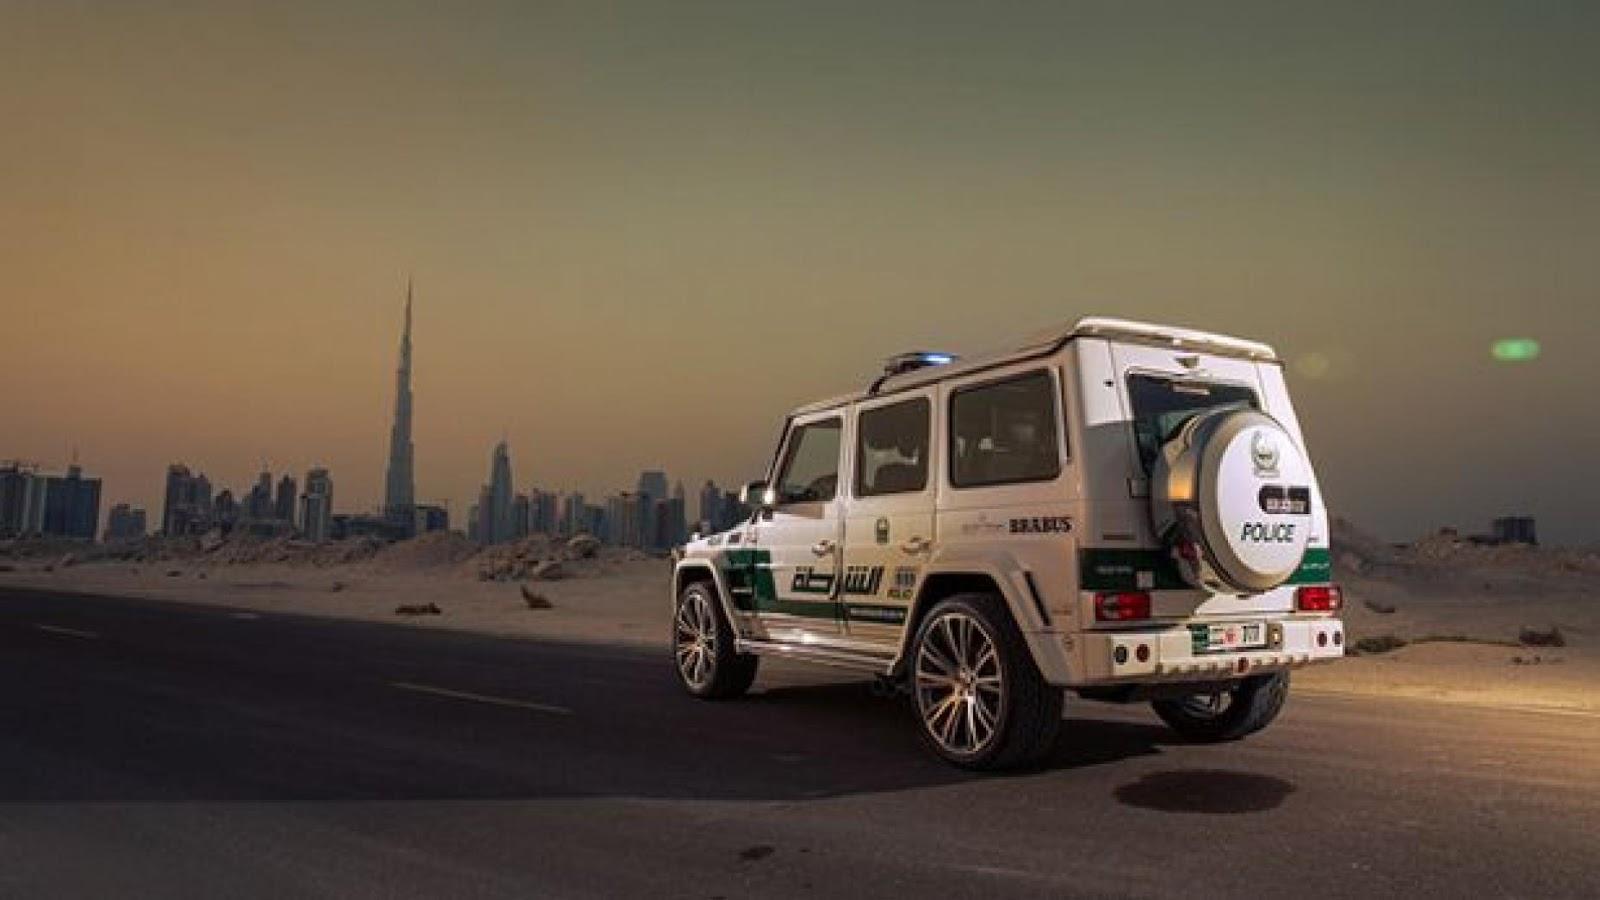 Dubai police Brabus G63 AMG